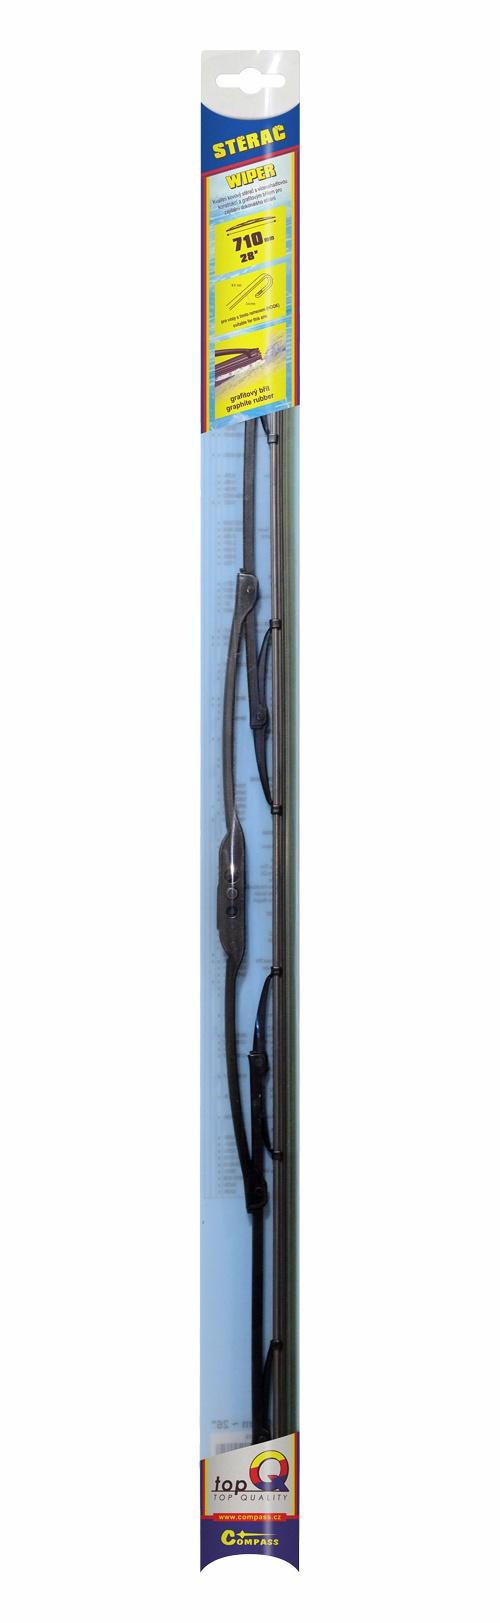 Compass Stěrač kovový TOPQ 710 mm GRAFIT